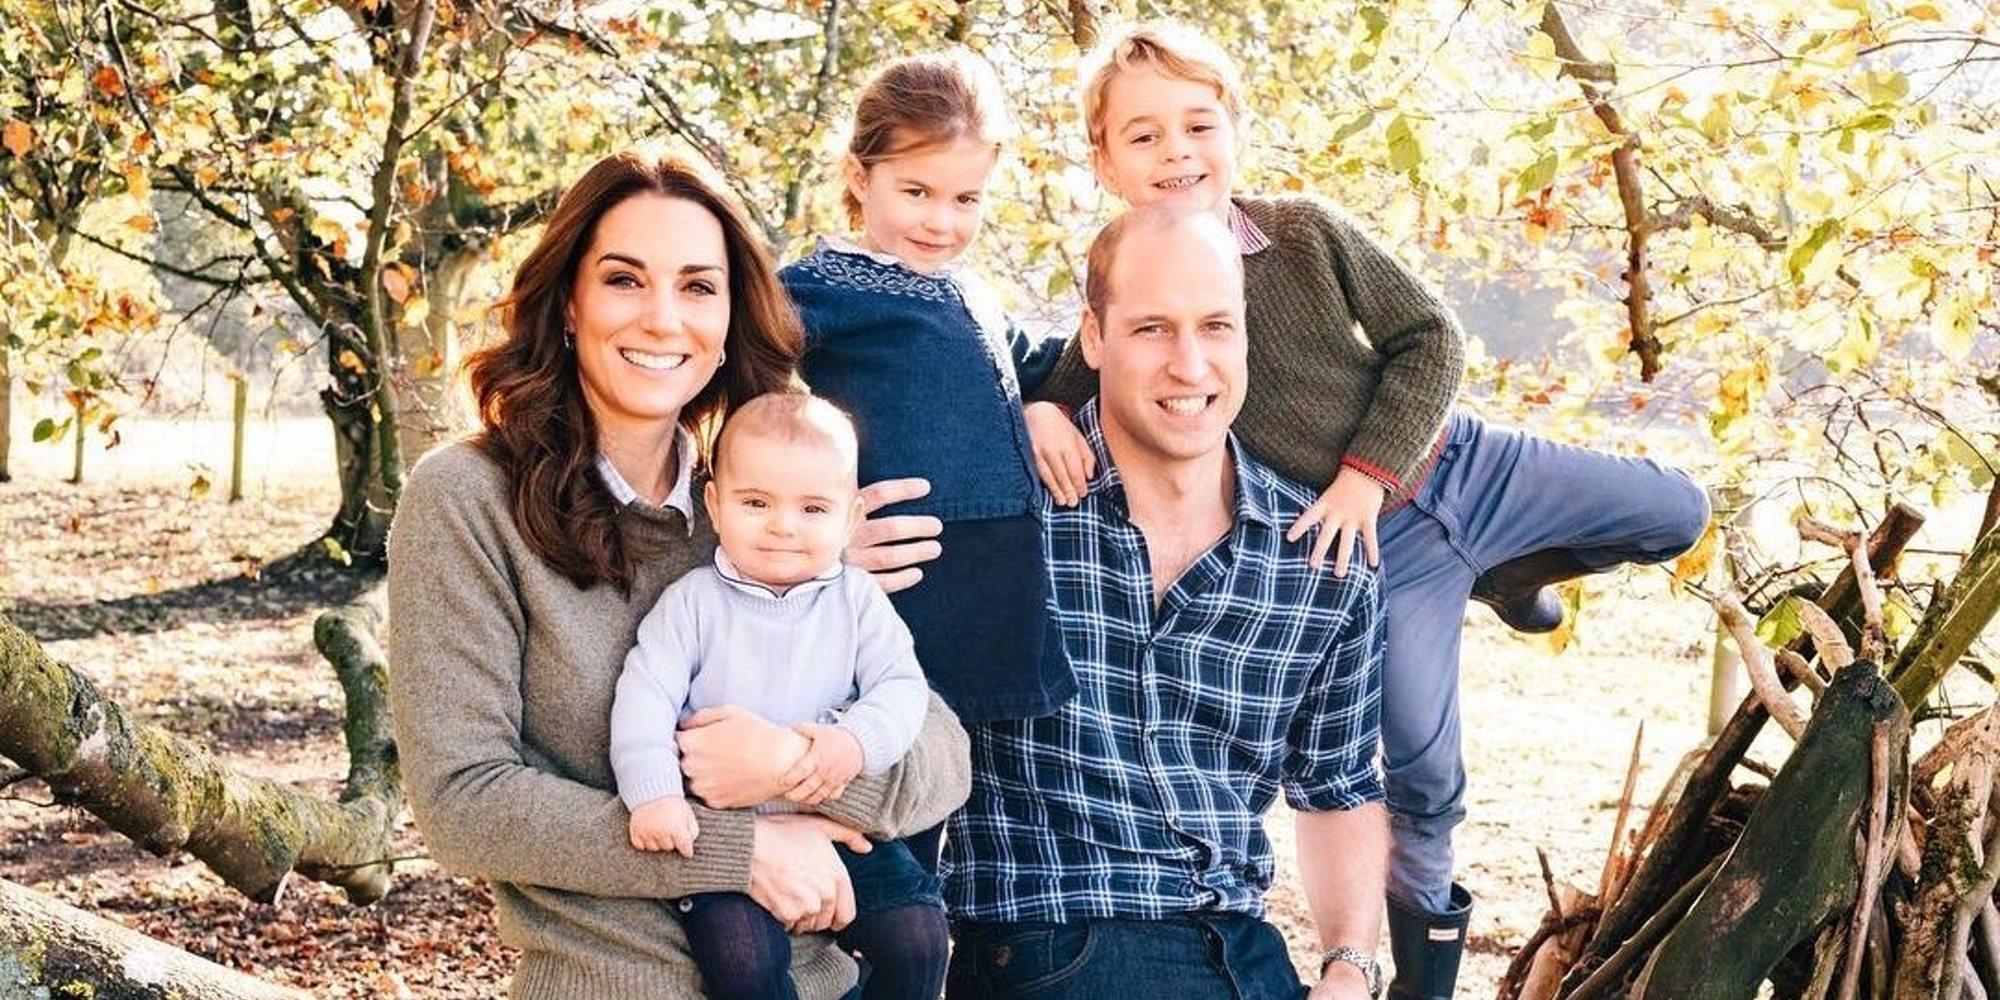 Los Príncipes Jorge y Carlota se divierten con su prima Mia Tindall en una salida familiar